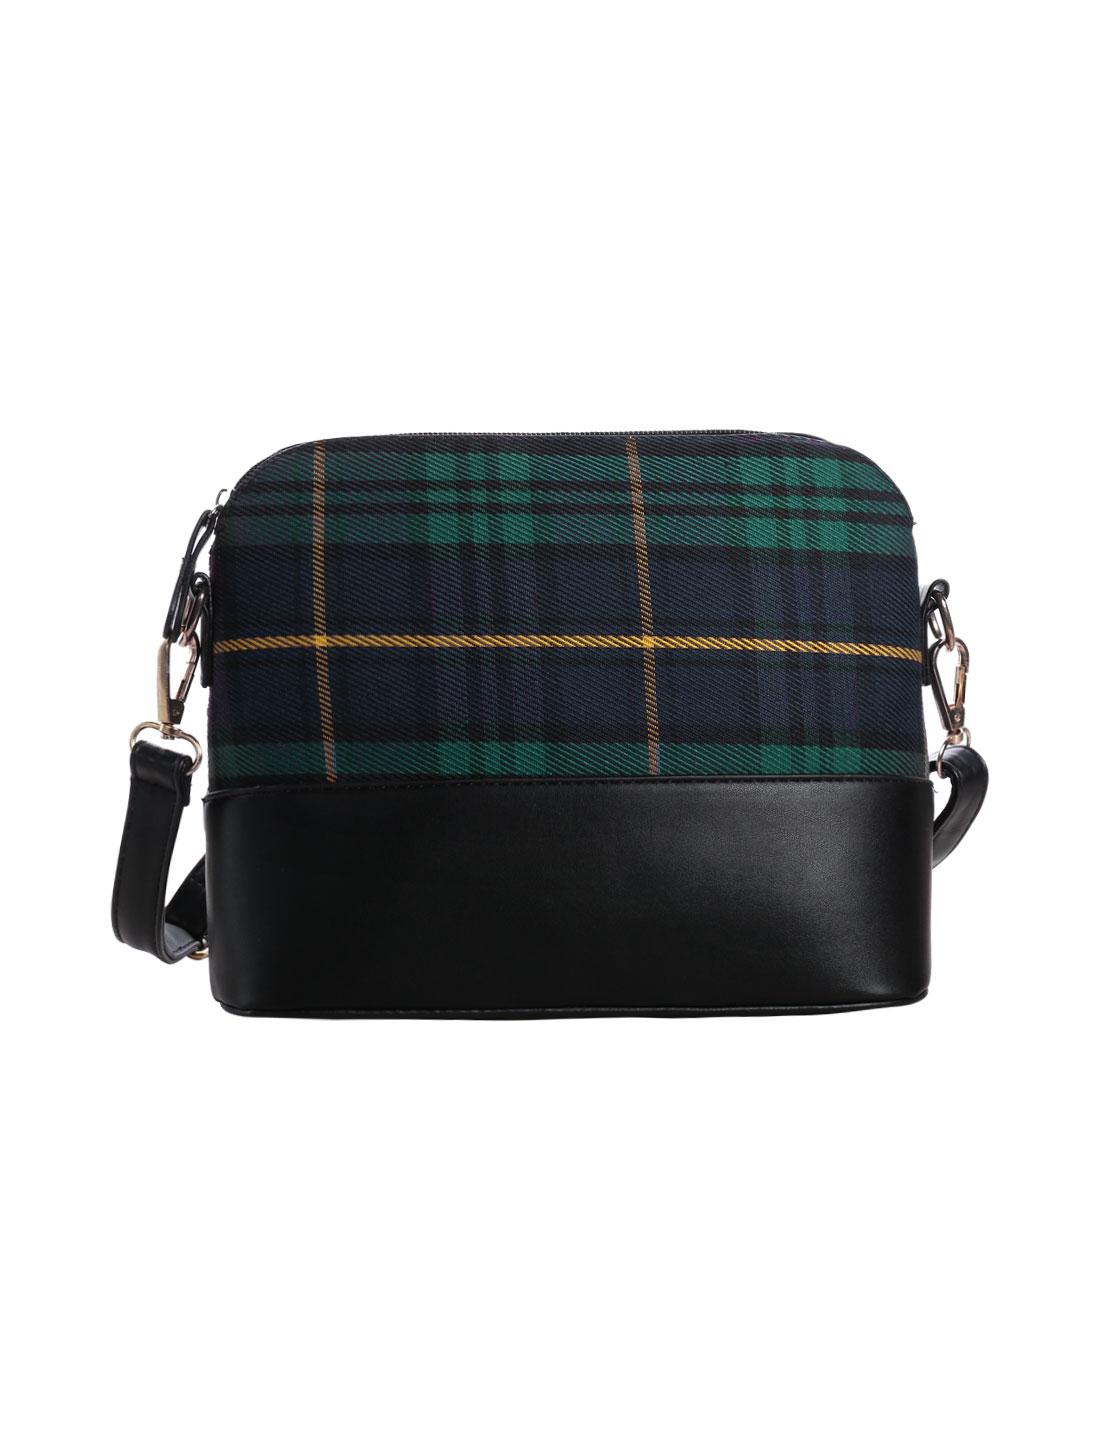 Women Contrast Color Checks Prints Zipper Closure Casual Shoulder Bag Green